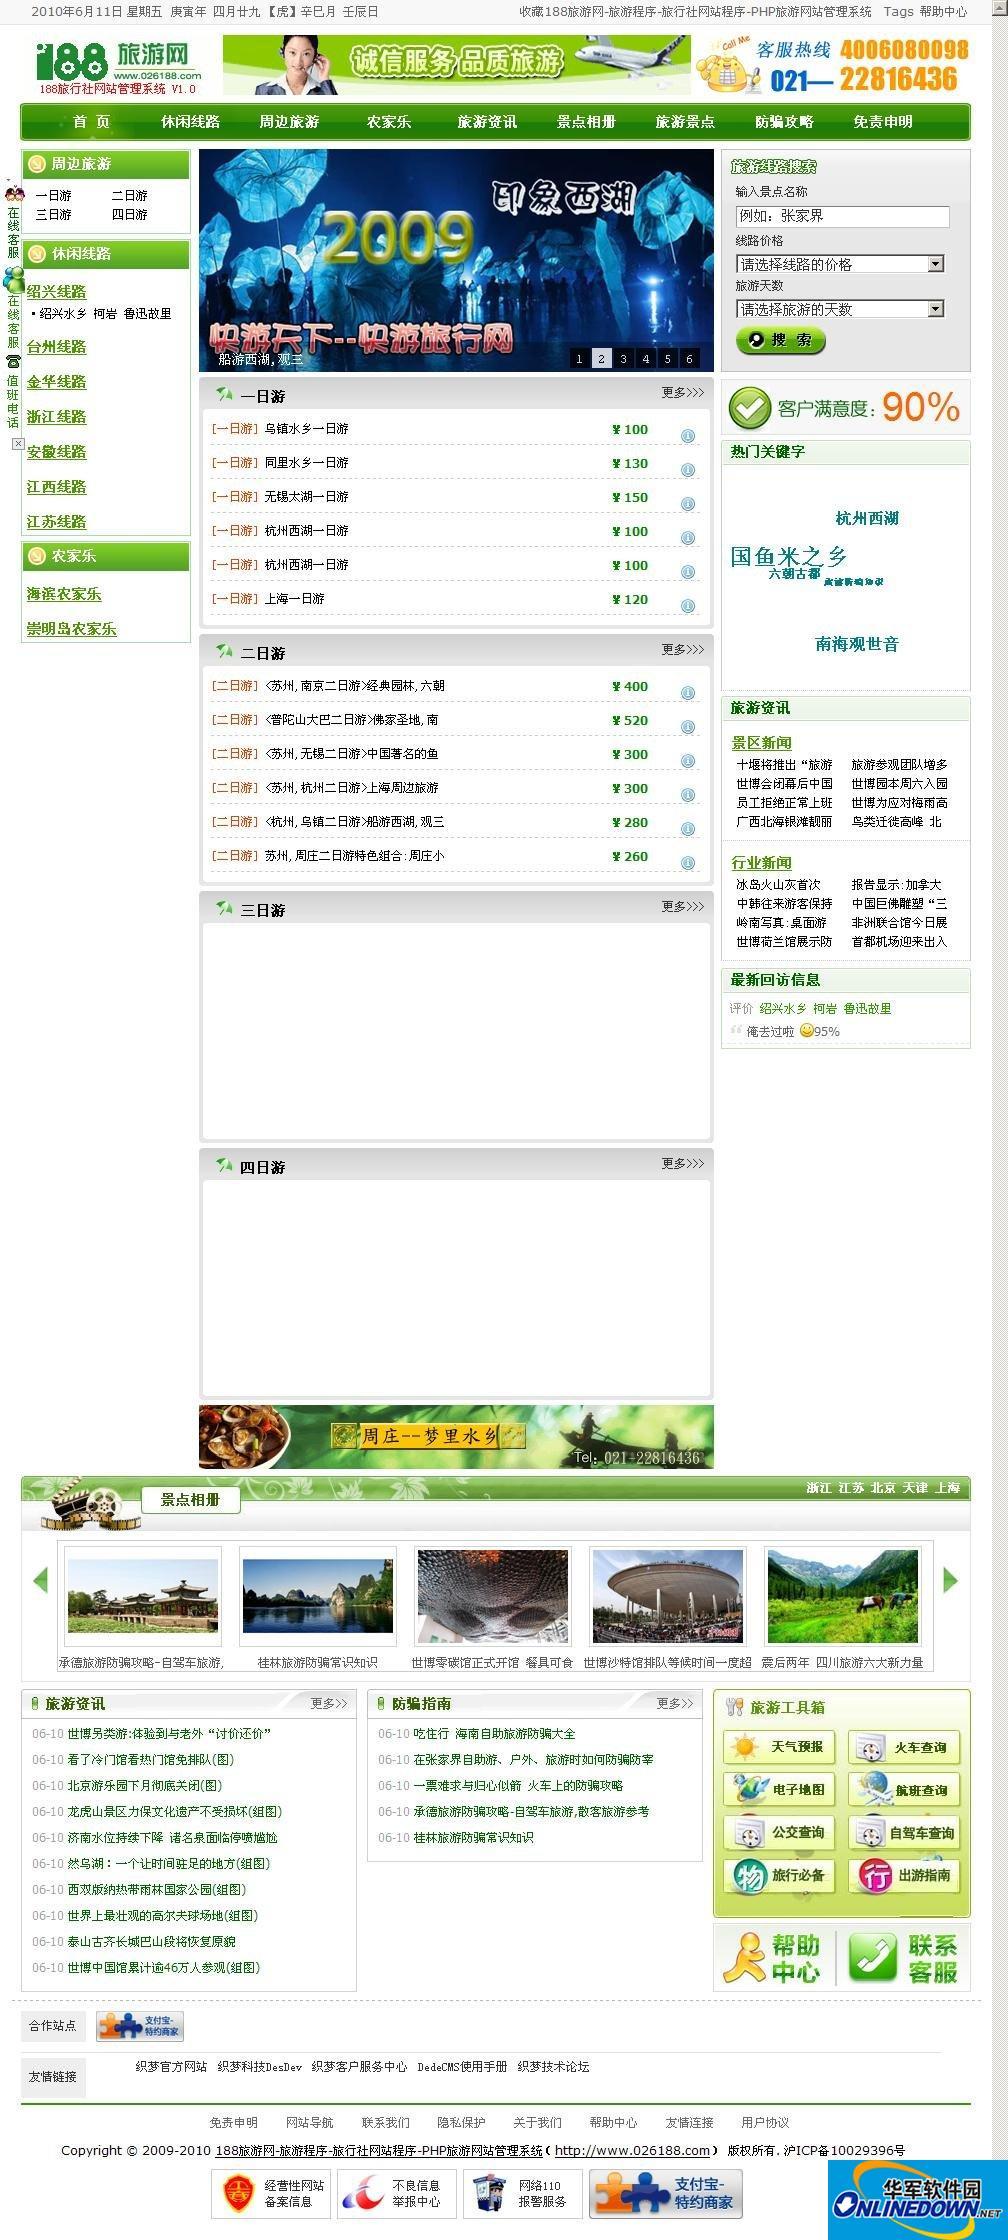 188旅游网站管理程序 PC版